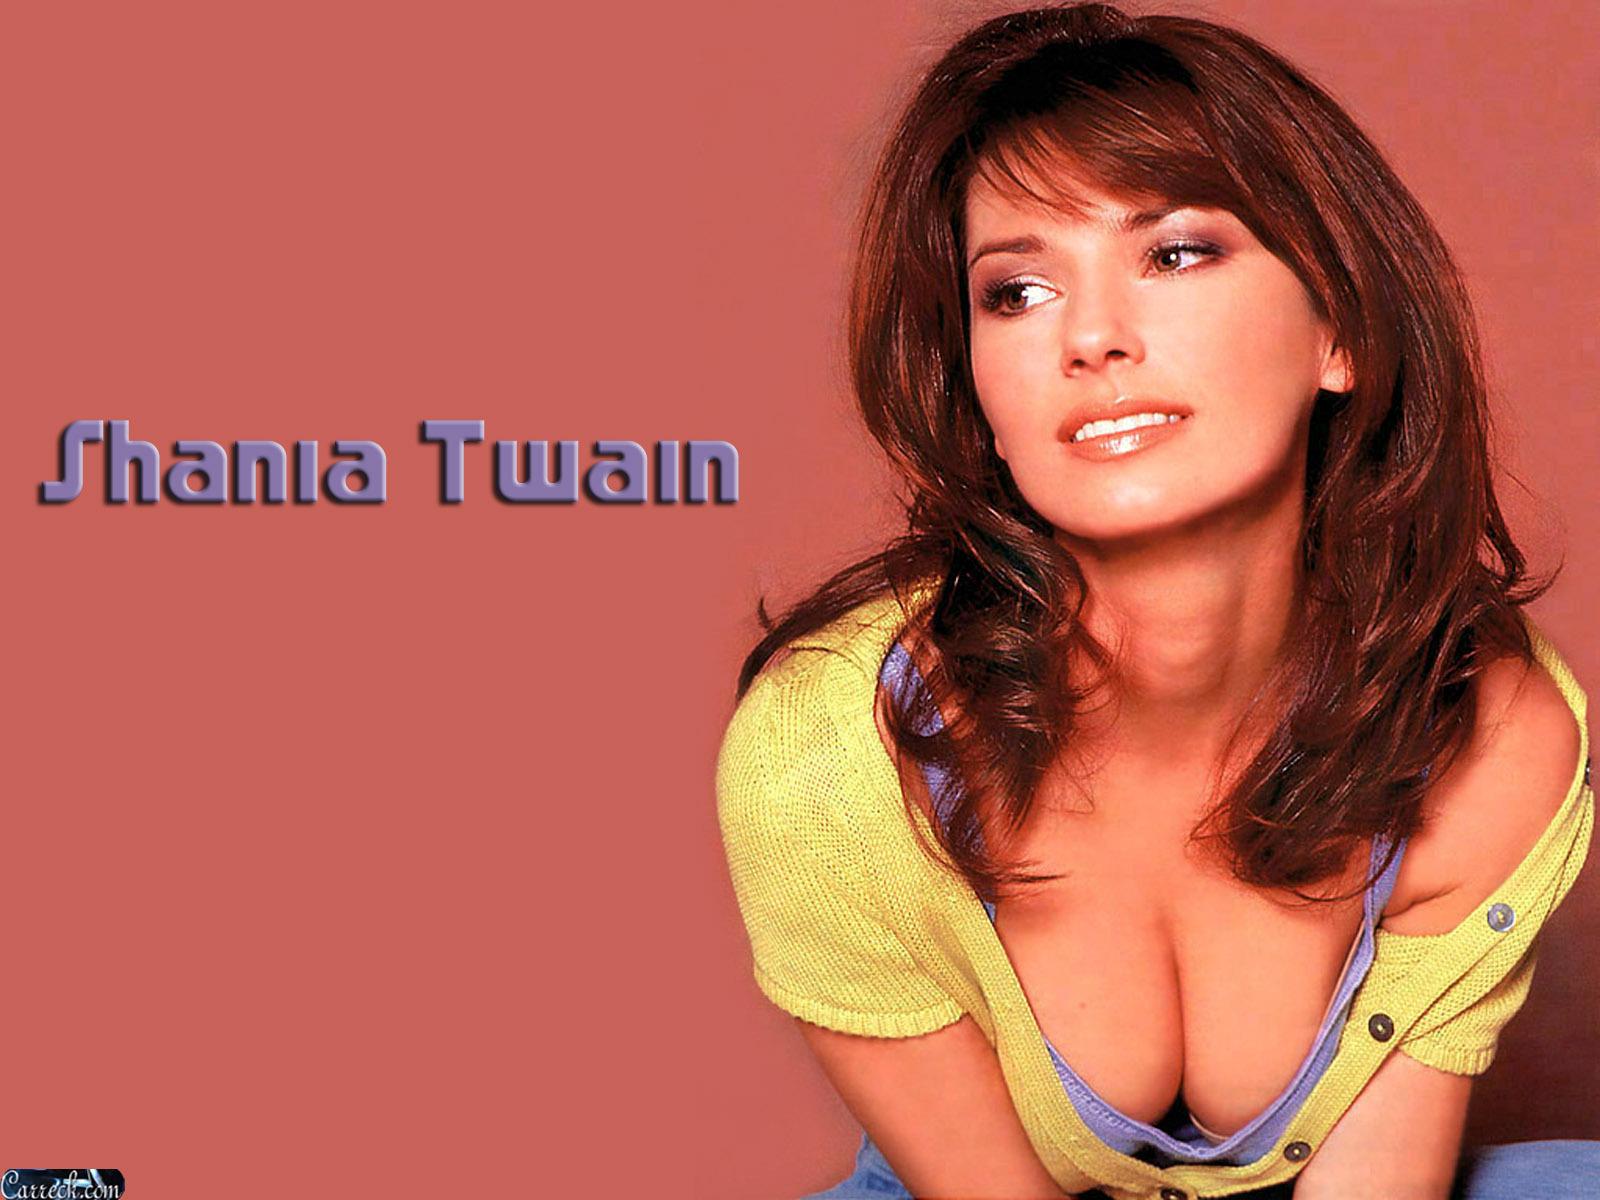 Shania Twain Shania Twain